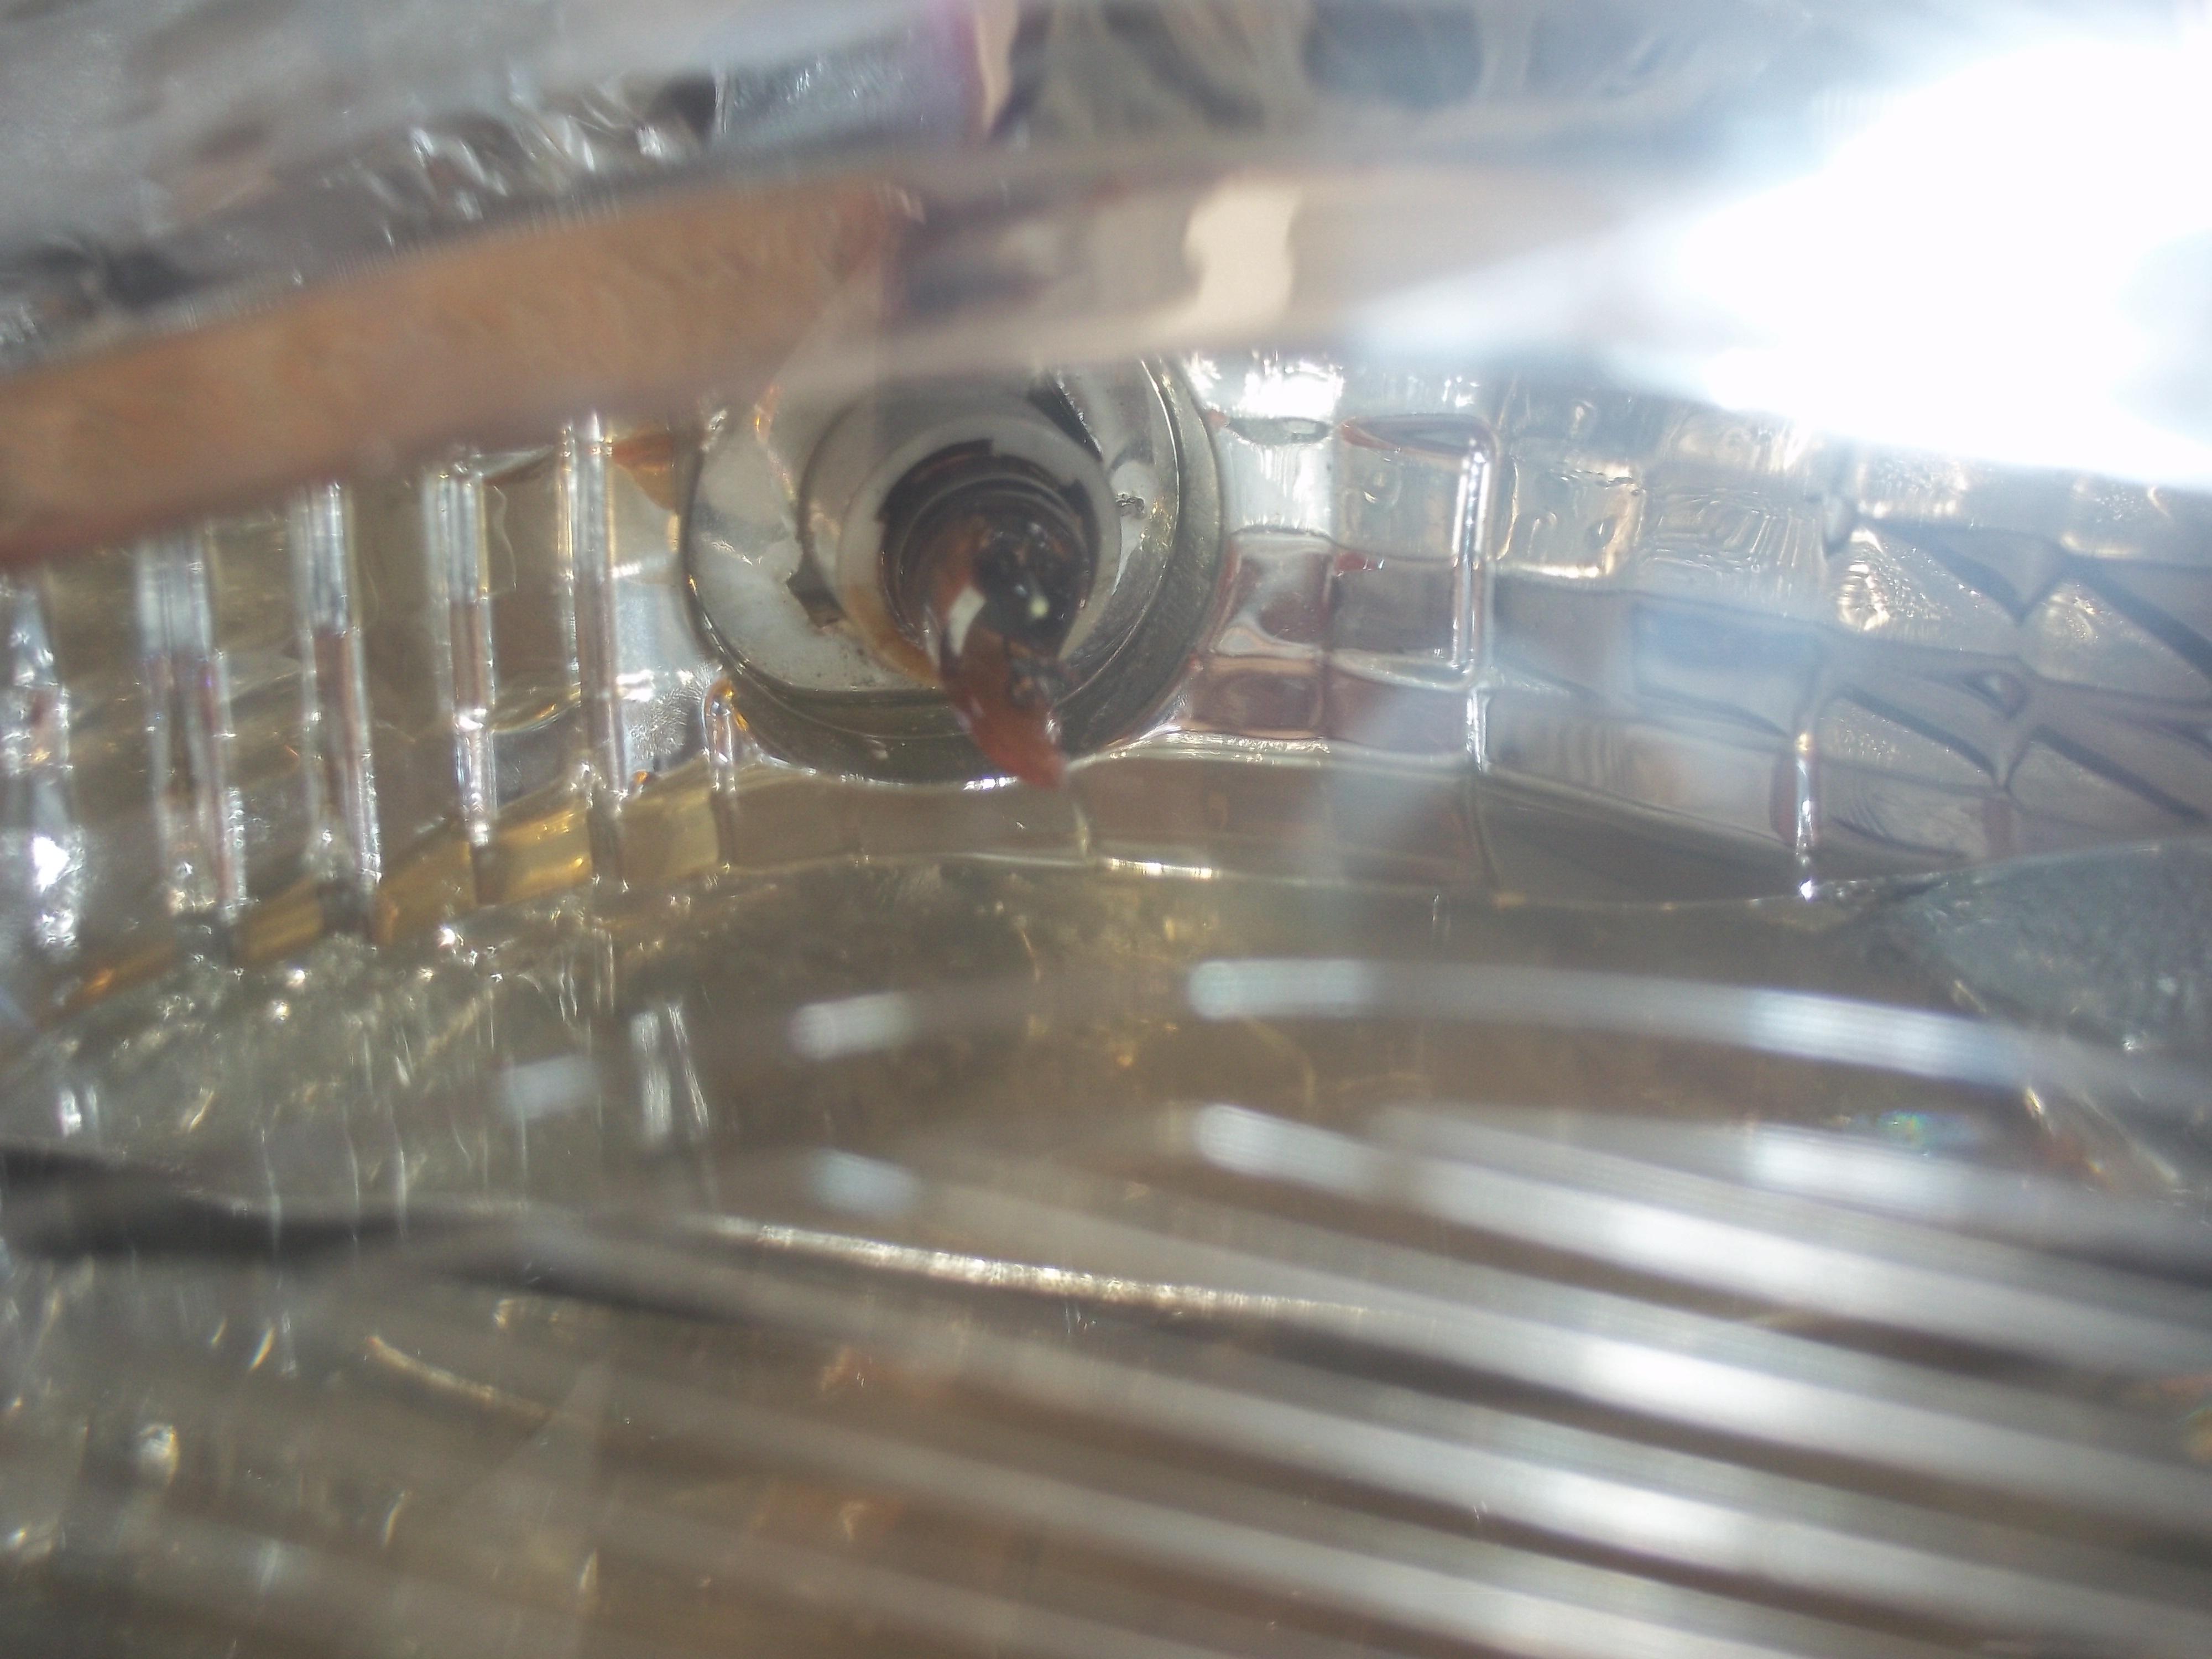 悦翔v3右大灯大灯进水,导致转向灯灯泡爆炸.